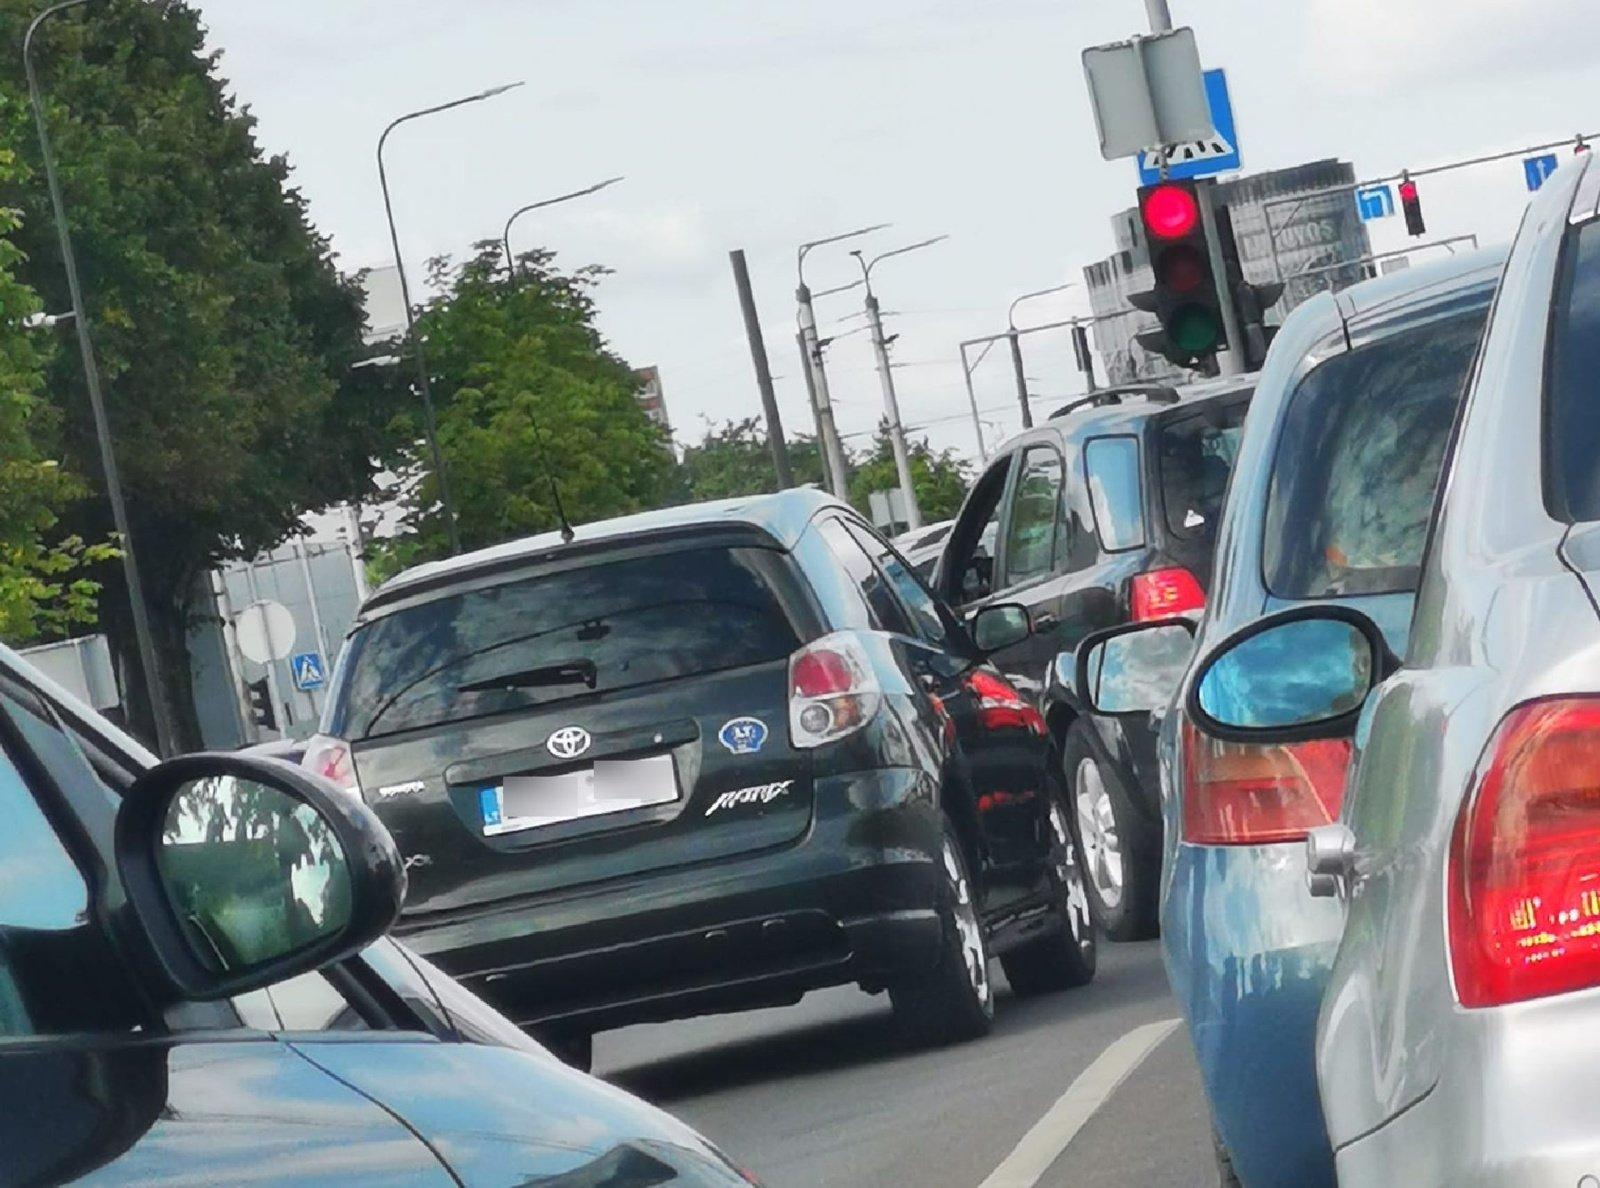 Vairuotojai pritrenkti: paliko automobilį vidury judrios sankryžos ir išėjo